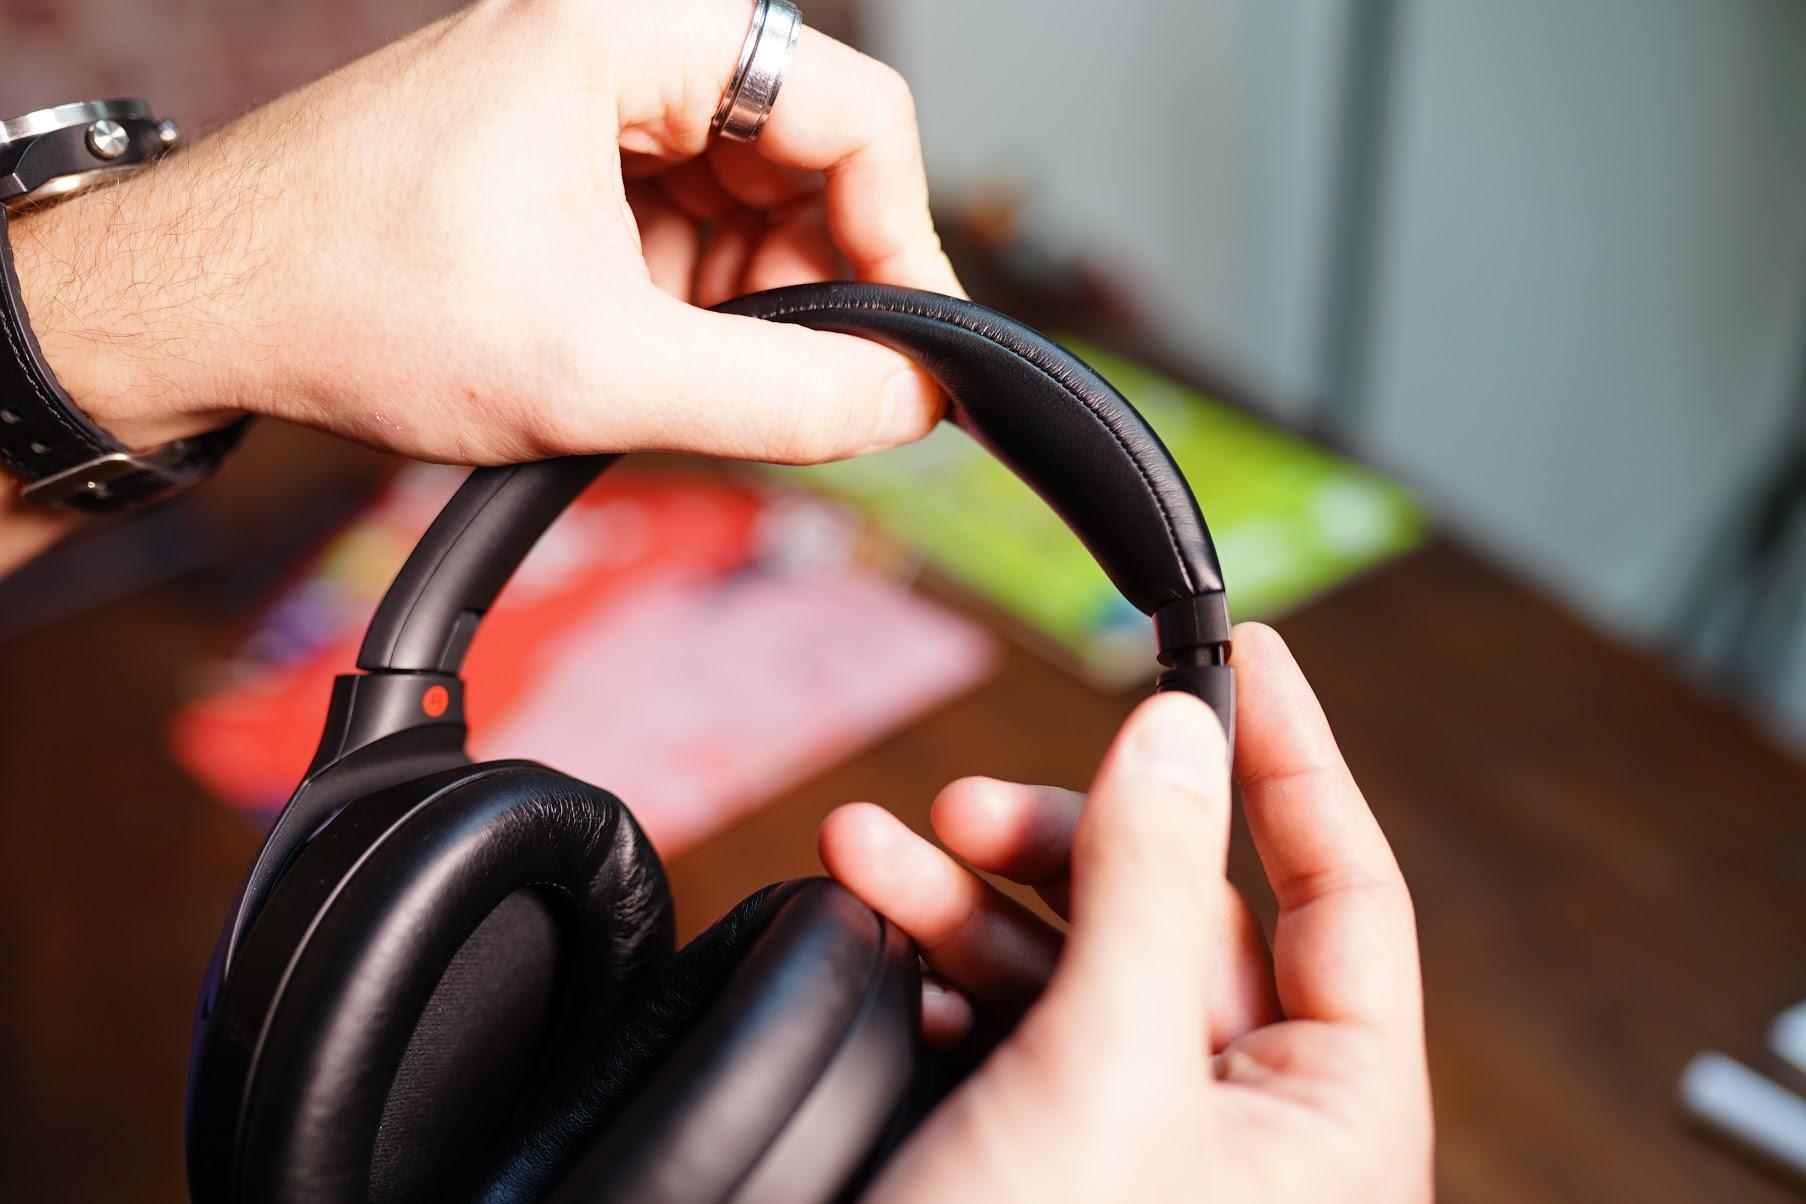 Test Du Sony Wh 1000xm3 Le Casque Sans Fil Qui Va Faire Du Bruit